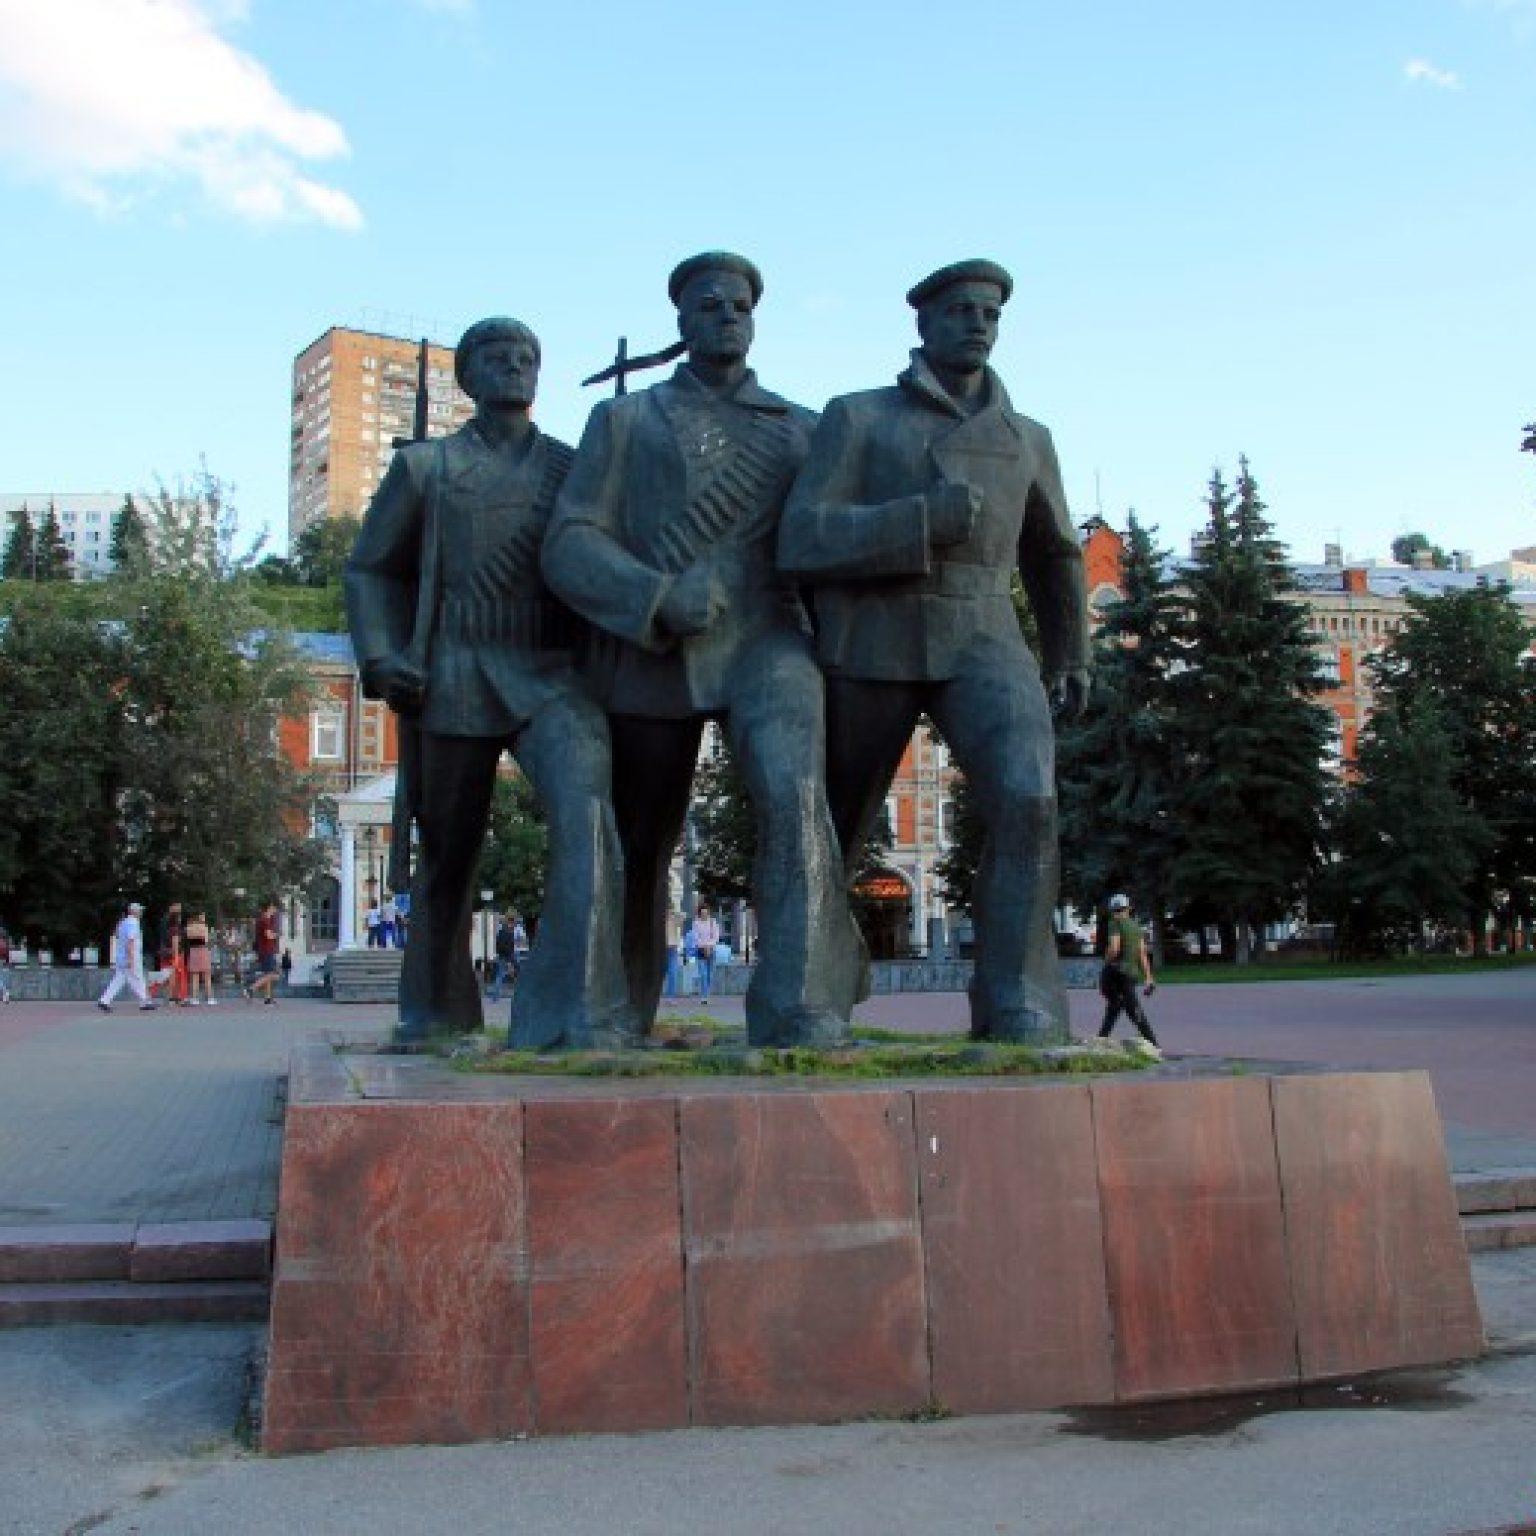 Достопримечательности Нижнего Новгорода: Речной вокзал